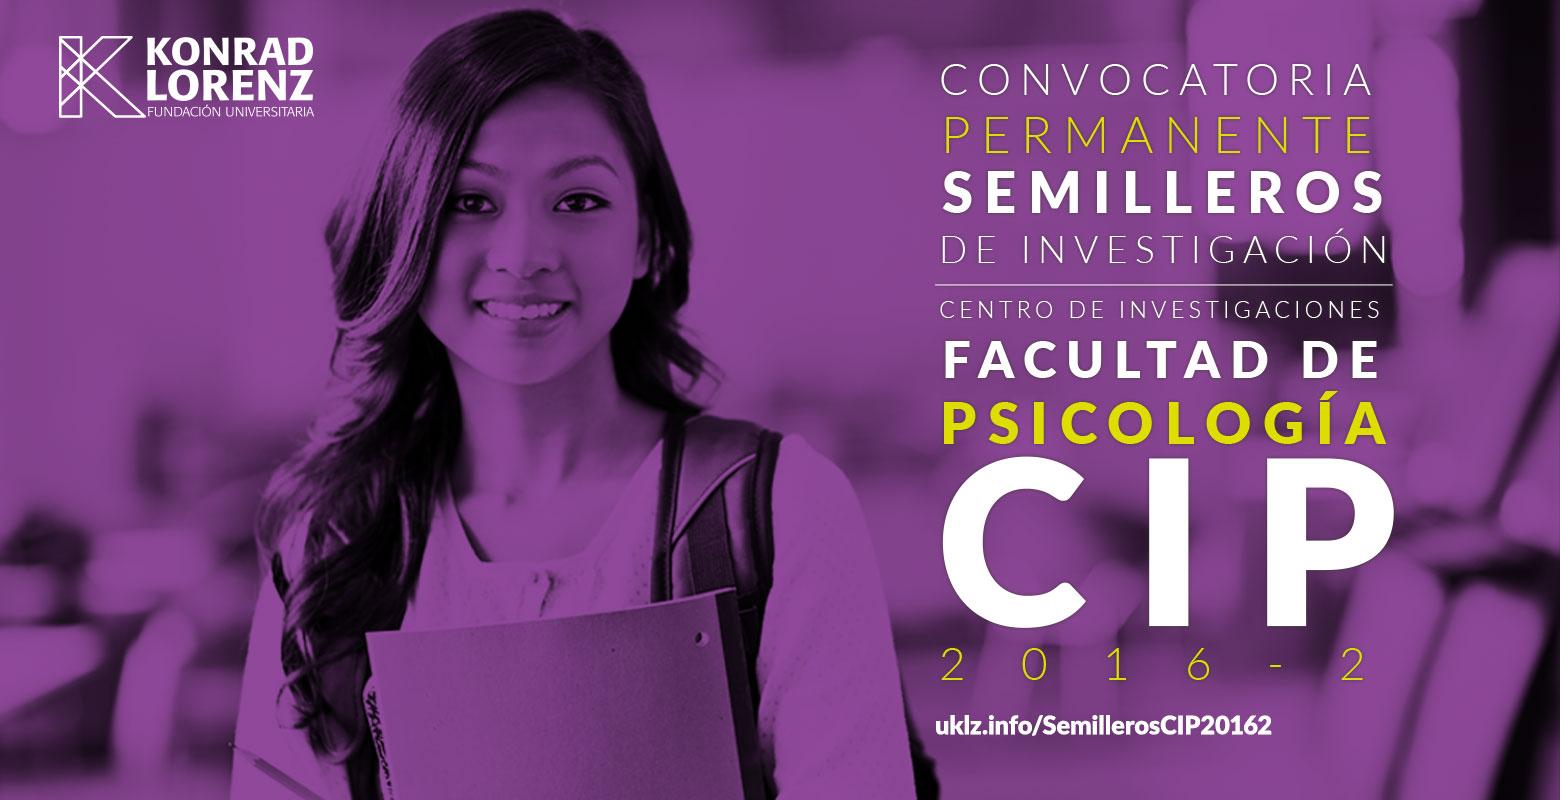 Convocatoria del CIP para integrar los Semilleros de Investigación de la Facultad de Psicología 2016 - 2 (cerrada)